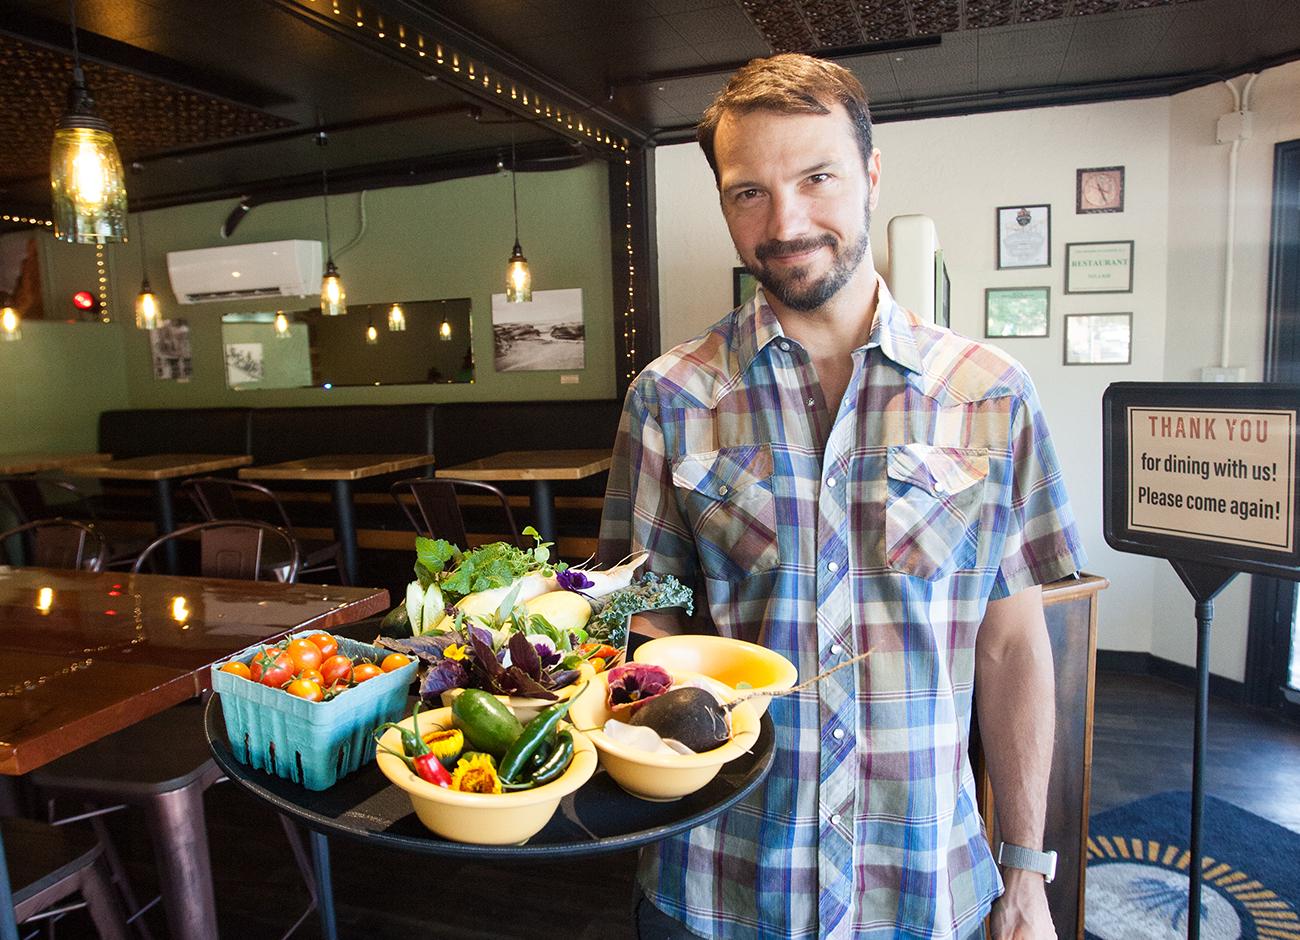 Chef Alex Borichevsky stands in his restaurant